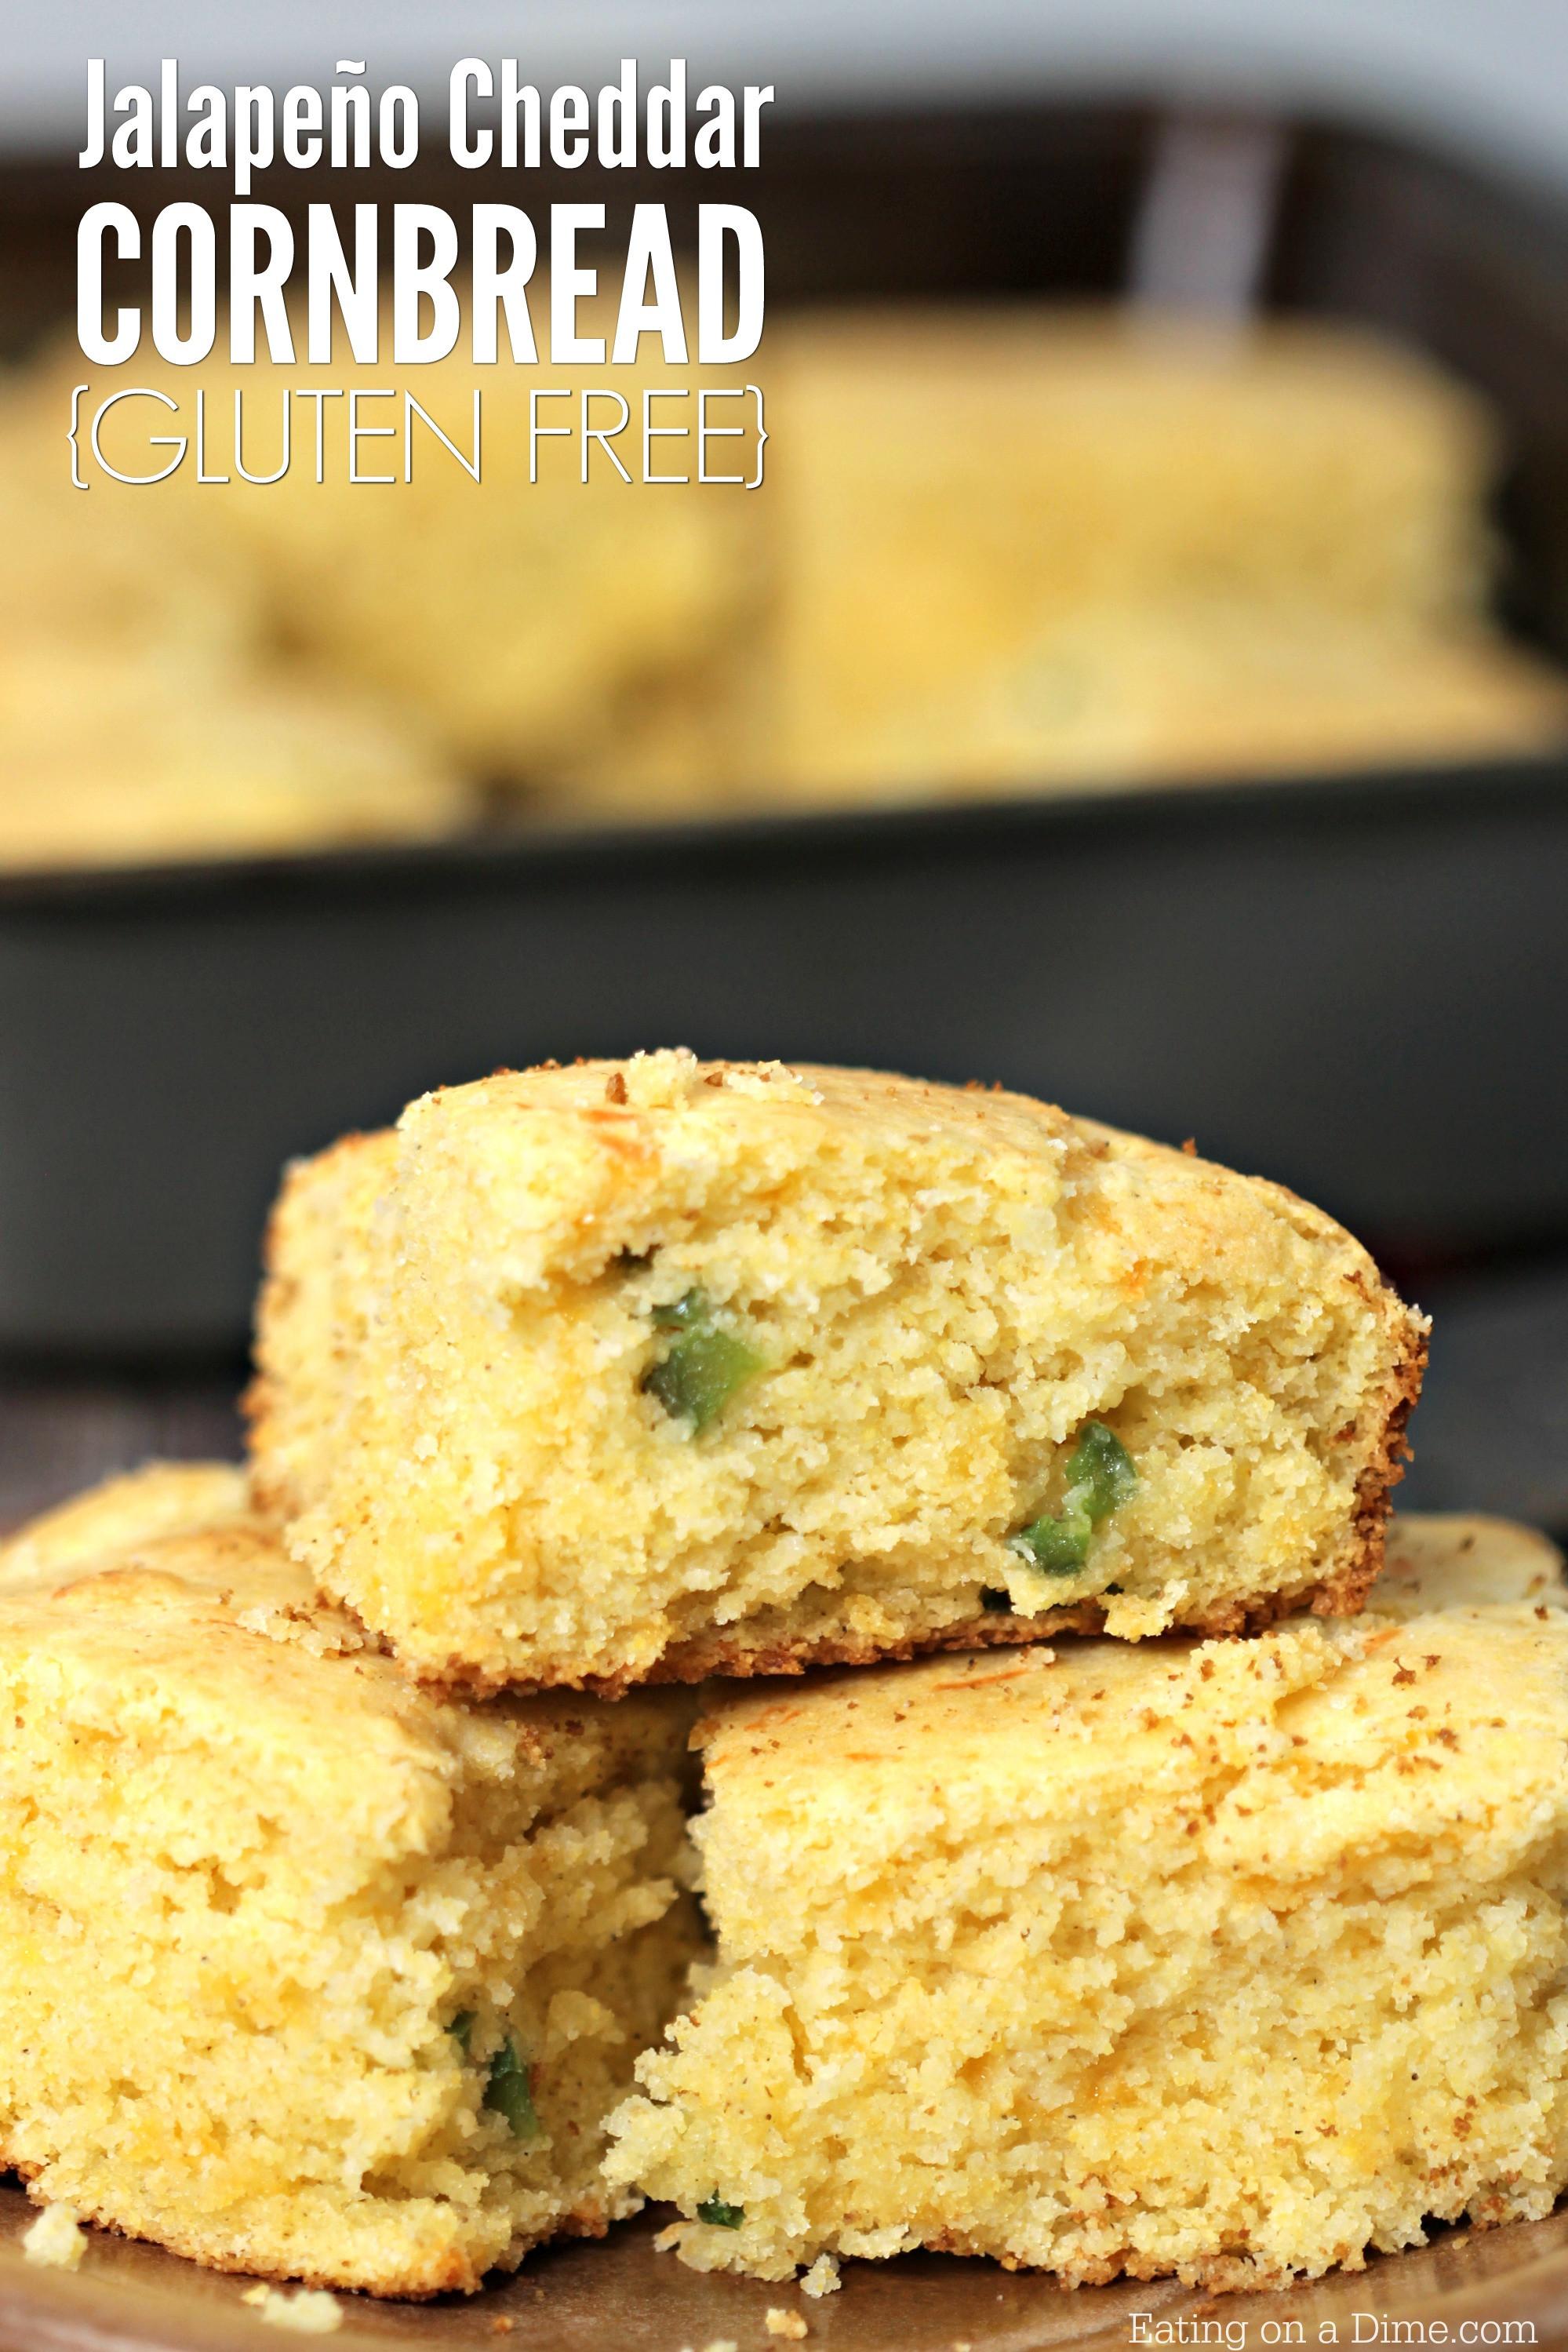 Is Cornbread Gluten Free  Gluten Free Jalapeno Cheddar Cornbread Recipe Quick and